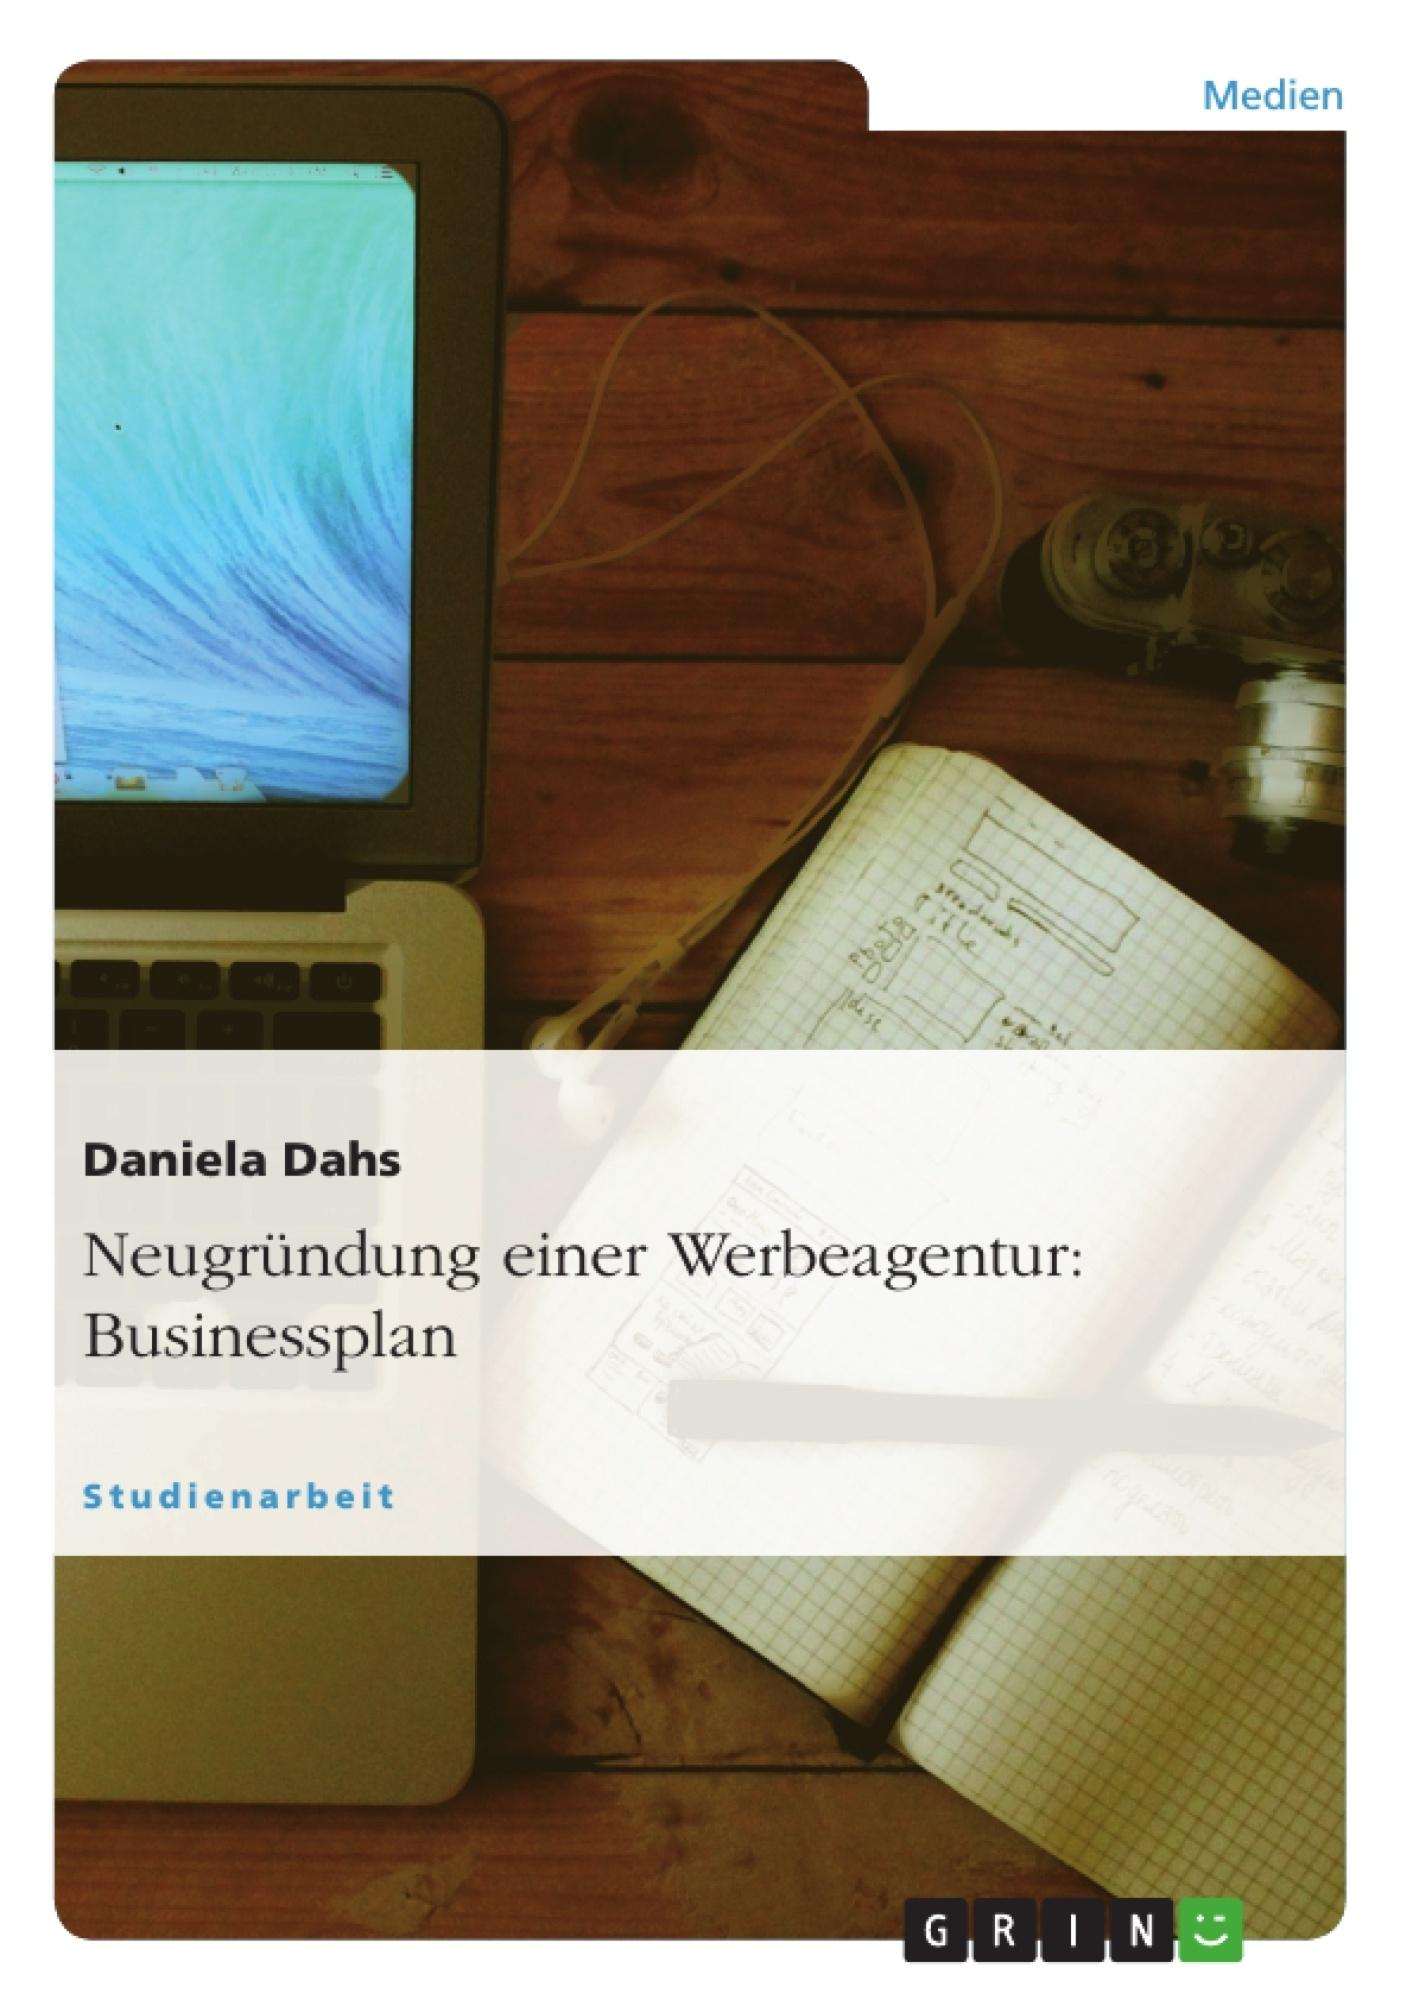 Titel: Neugründung einer Werbeagentur: Businessplan